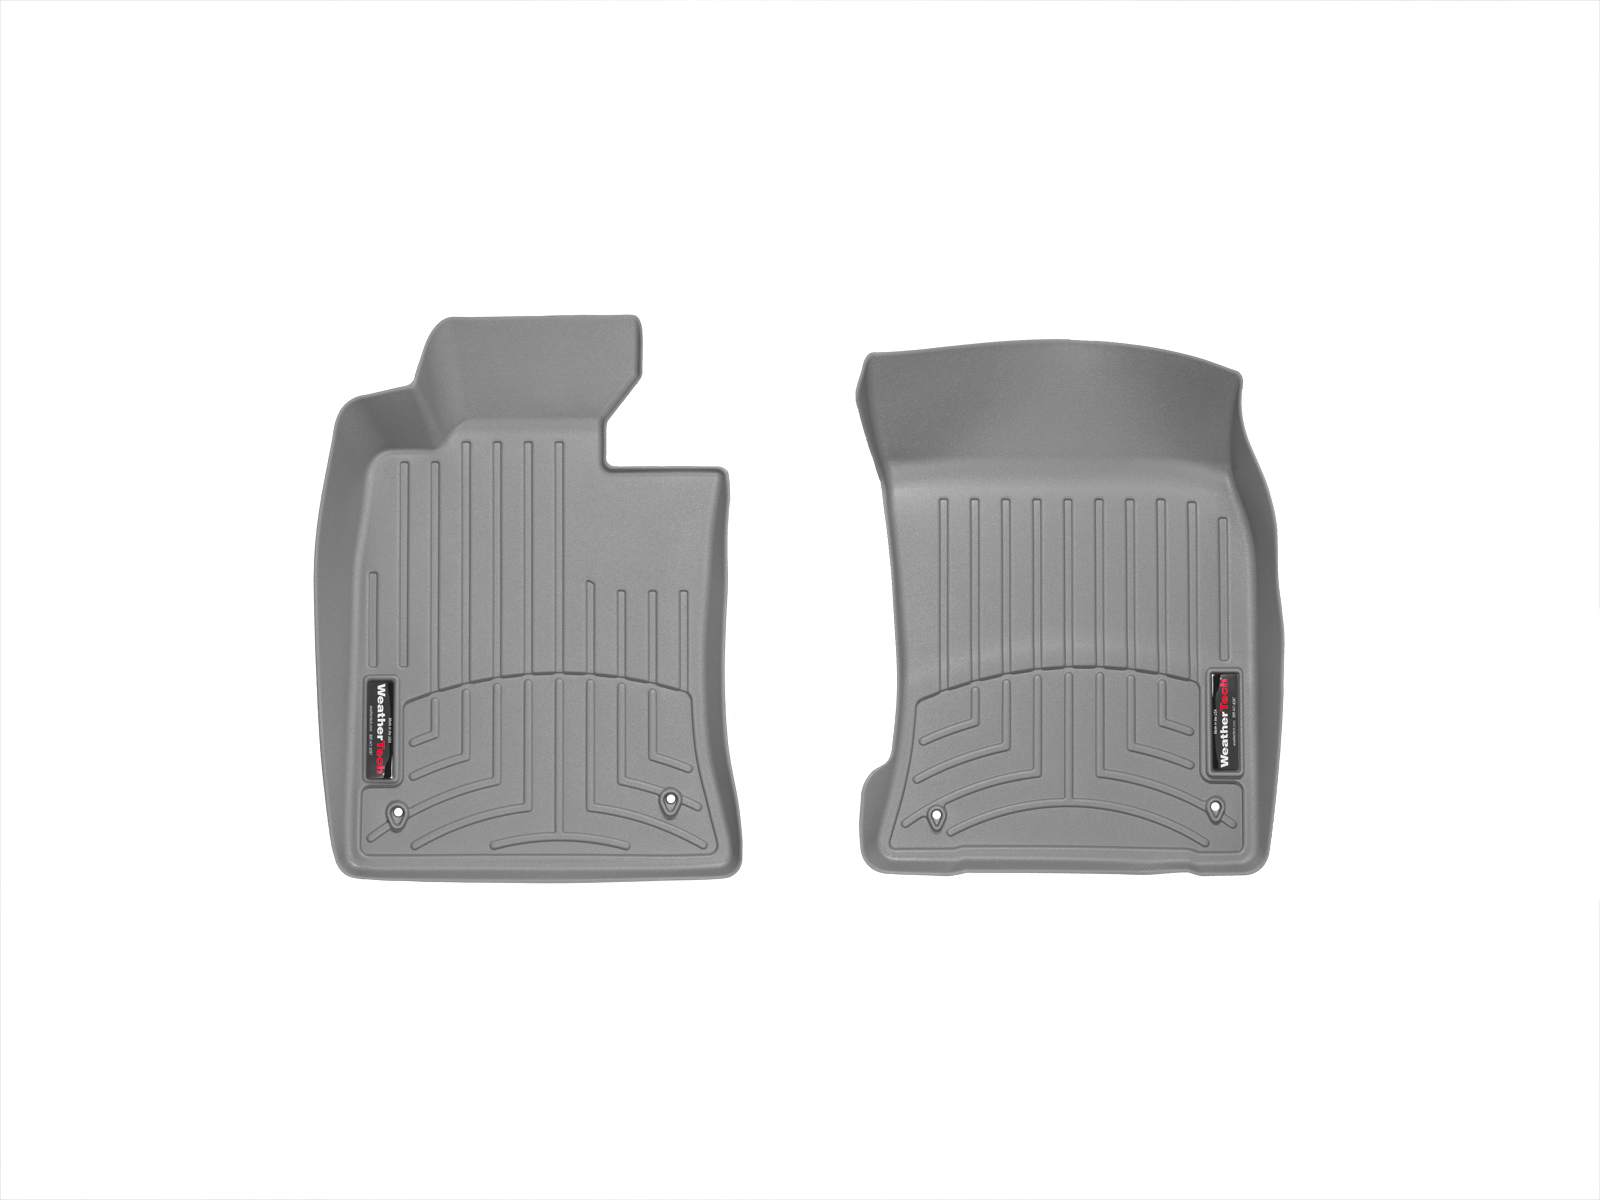 Tappeti gomma su misura bordo alto MINI Coupe 12>15 Grigio A2701*